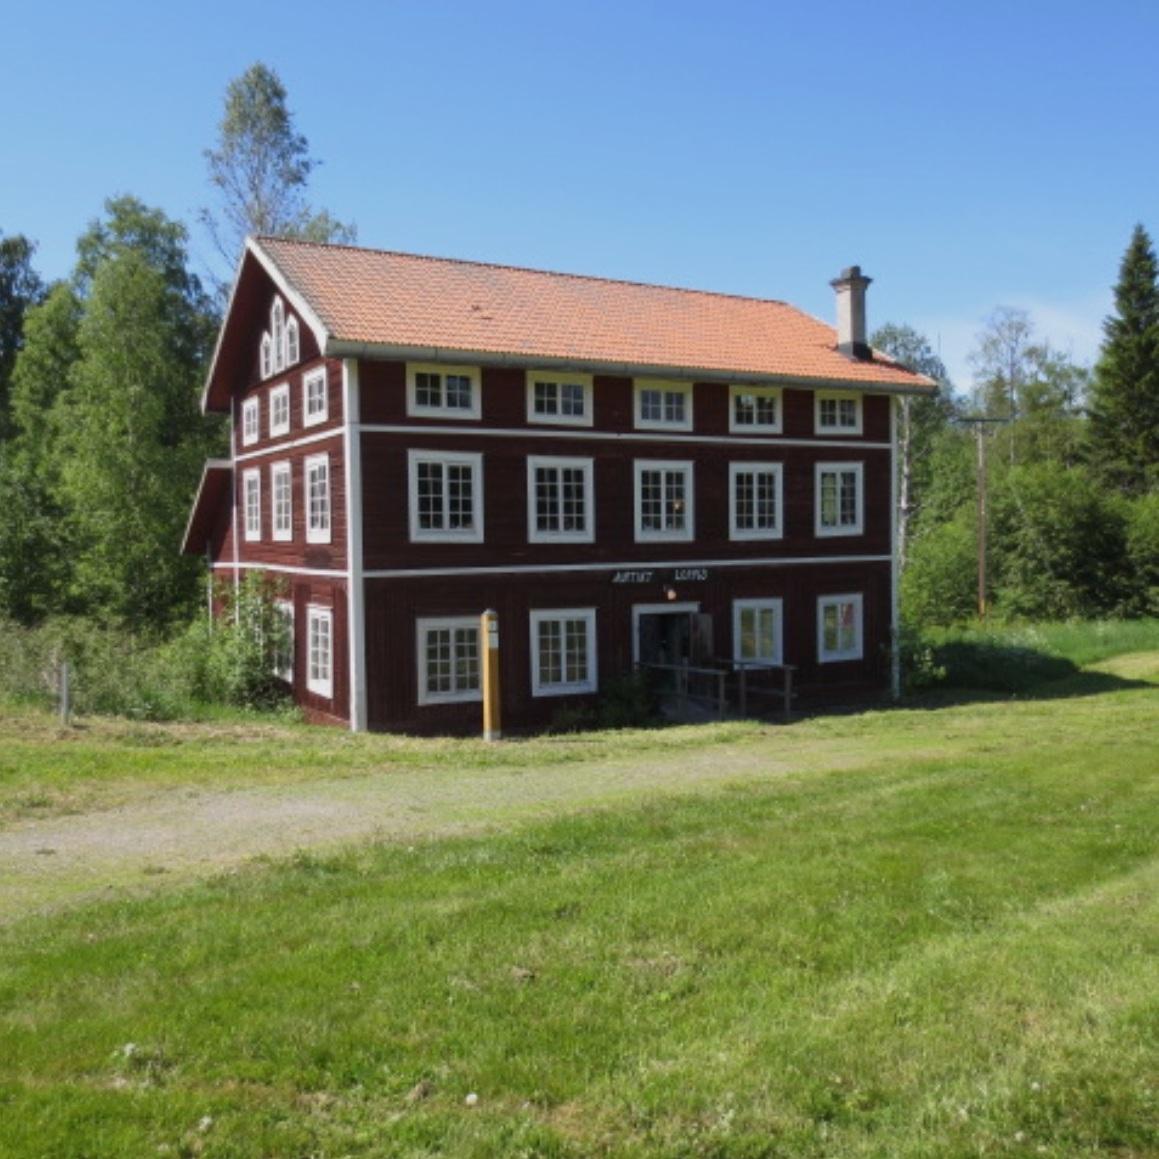 LOPPIS - GRANINGE BRUK, VÄSTERNORRLANDGraninge Bruk är ursprungligen ett järnbruk. Idag drivs här, utöver en antik- och modernthandel, en stor loppis med massor av prylar och möbler.För information:http://www.graningebruk.com/